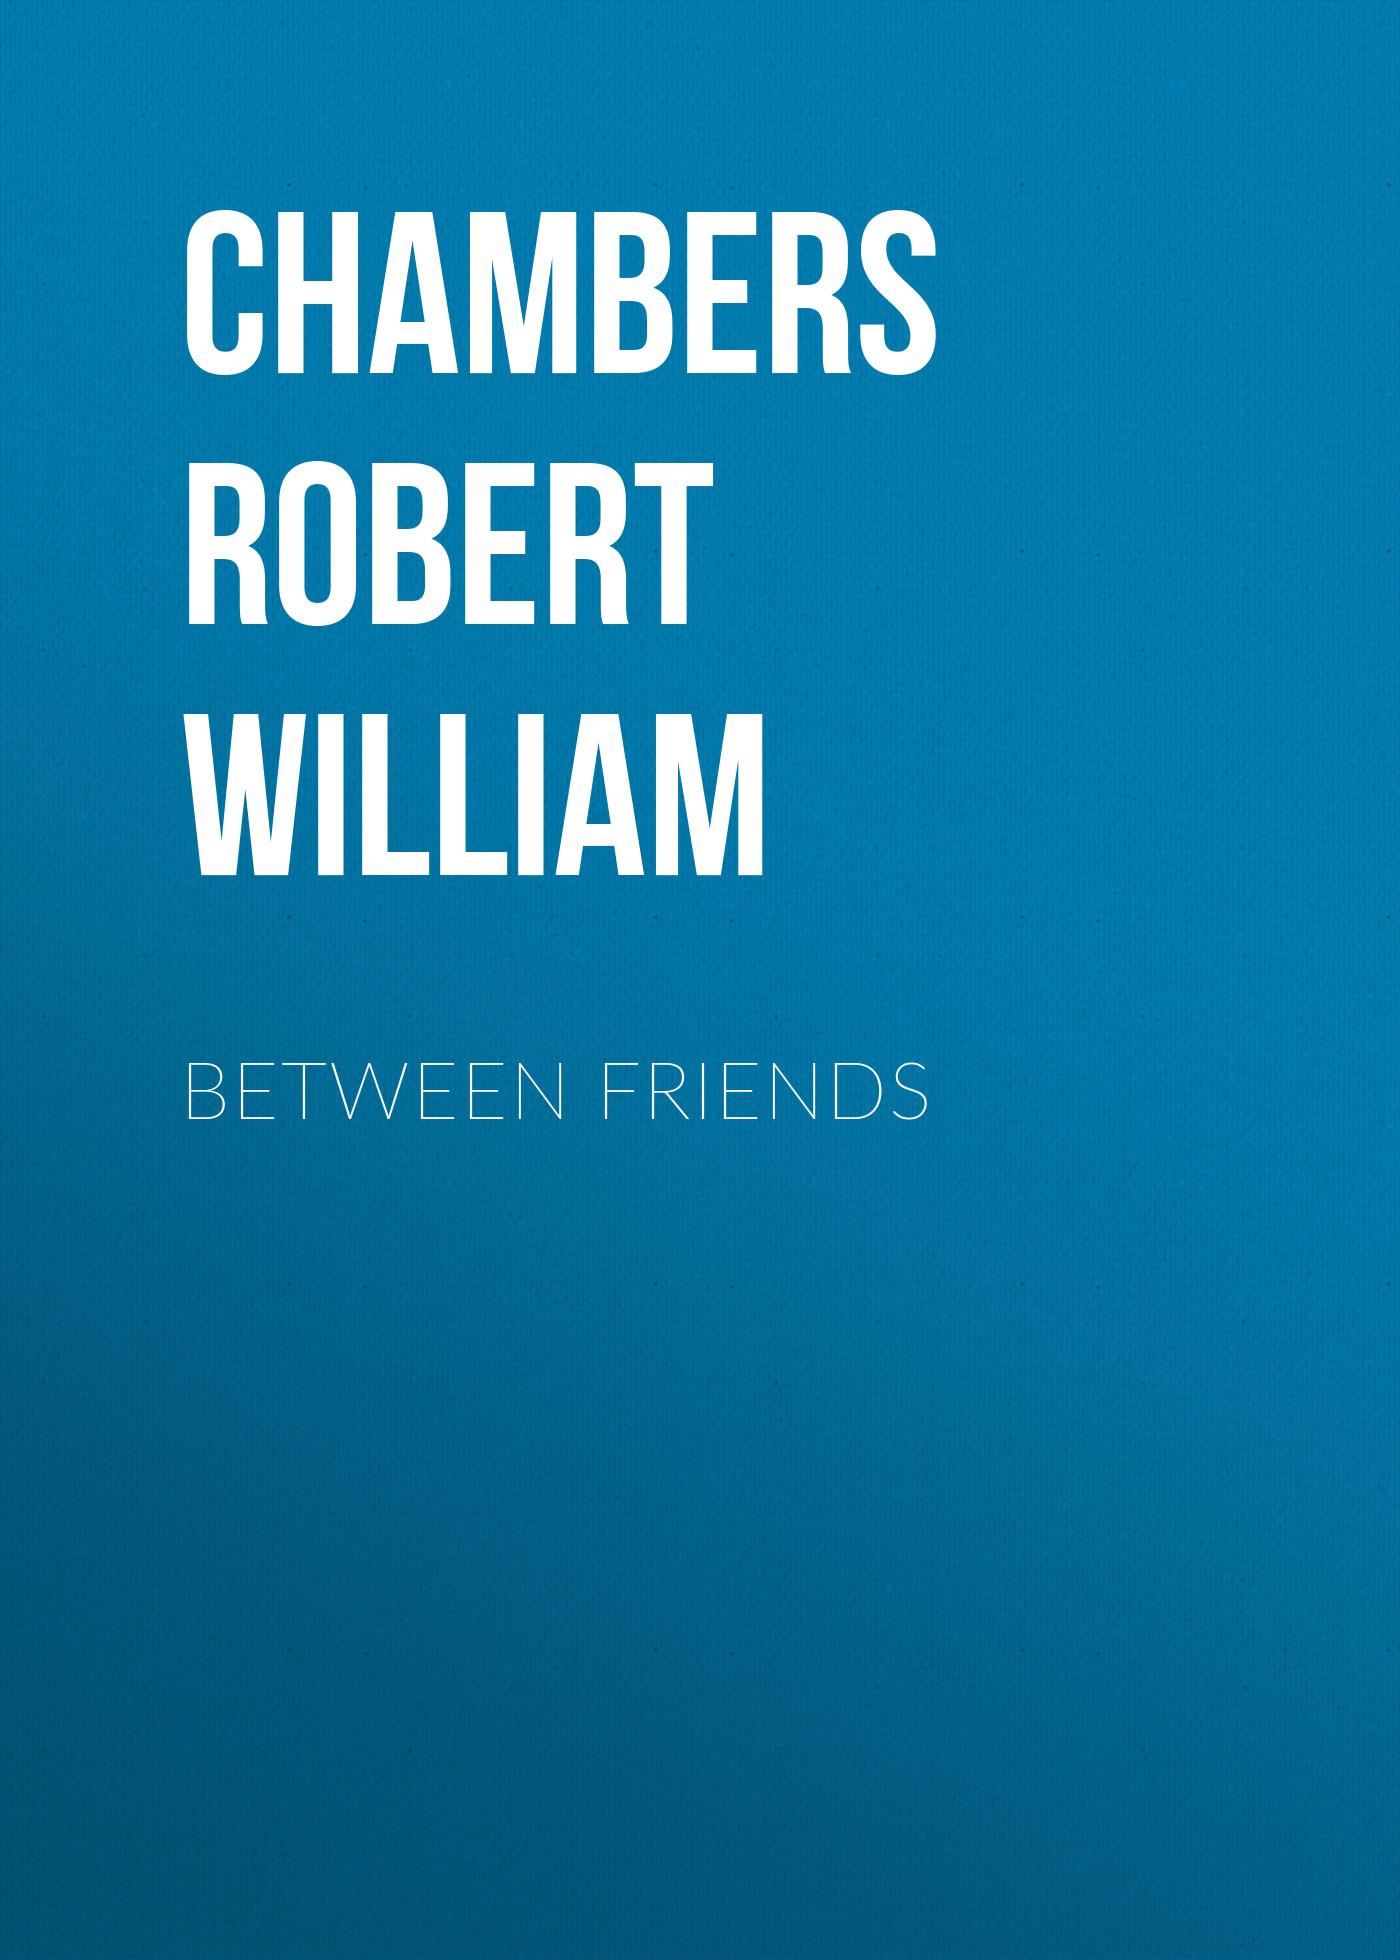 Chambers Robert William Between Friends